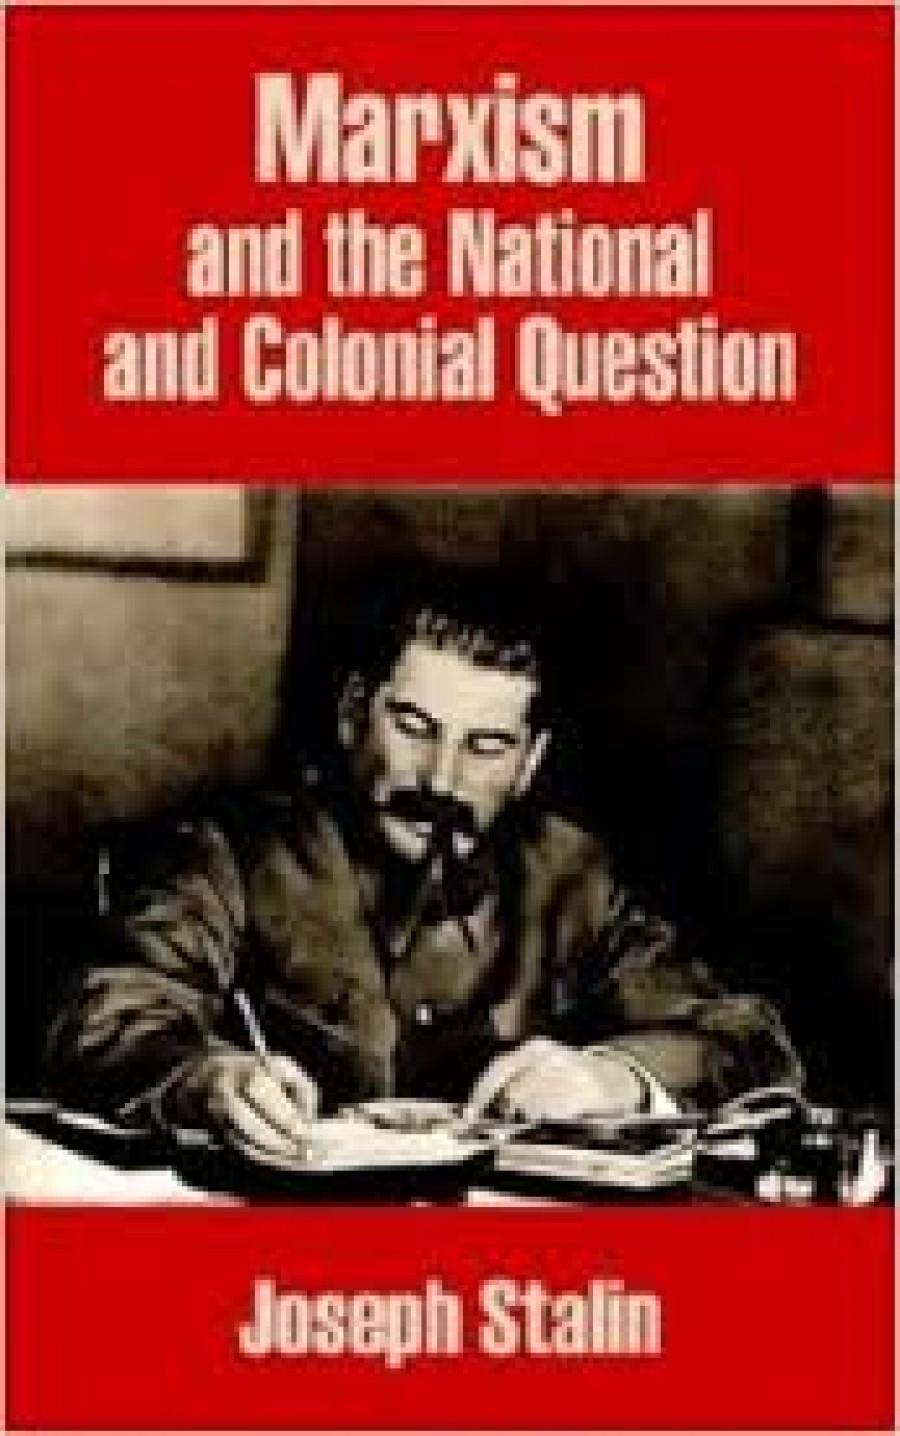 Stalinovu knihu Marxismus a národnostní a koloniální otázka čítající 344 stran vydalo roku 1951 nakladatelství Družstevní práce